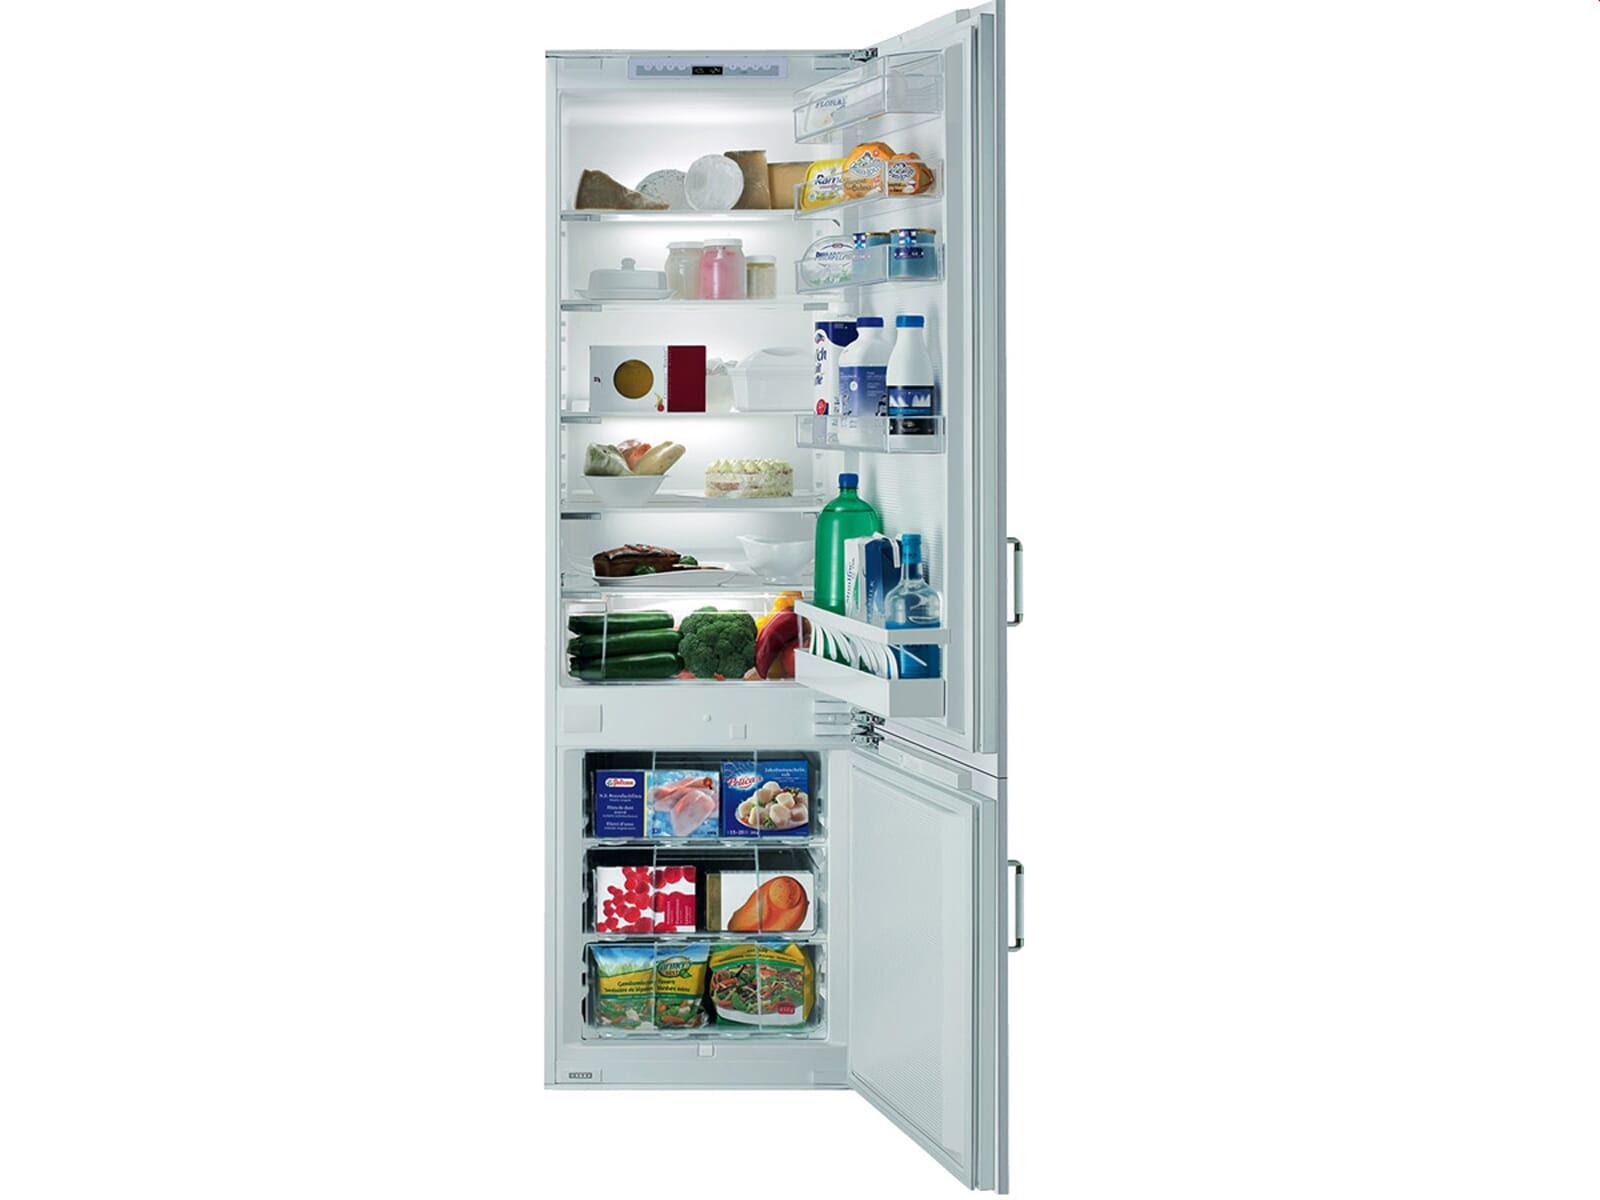 Bomann Kühlschrank Anleitung : Ggg bedienungsanleitung kühlschrank marcella fischer